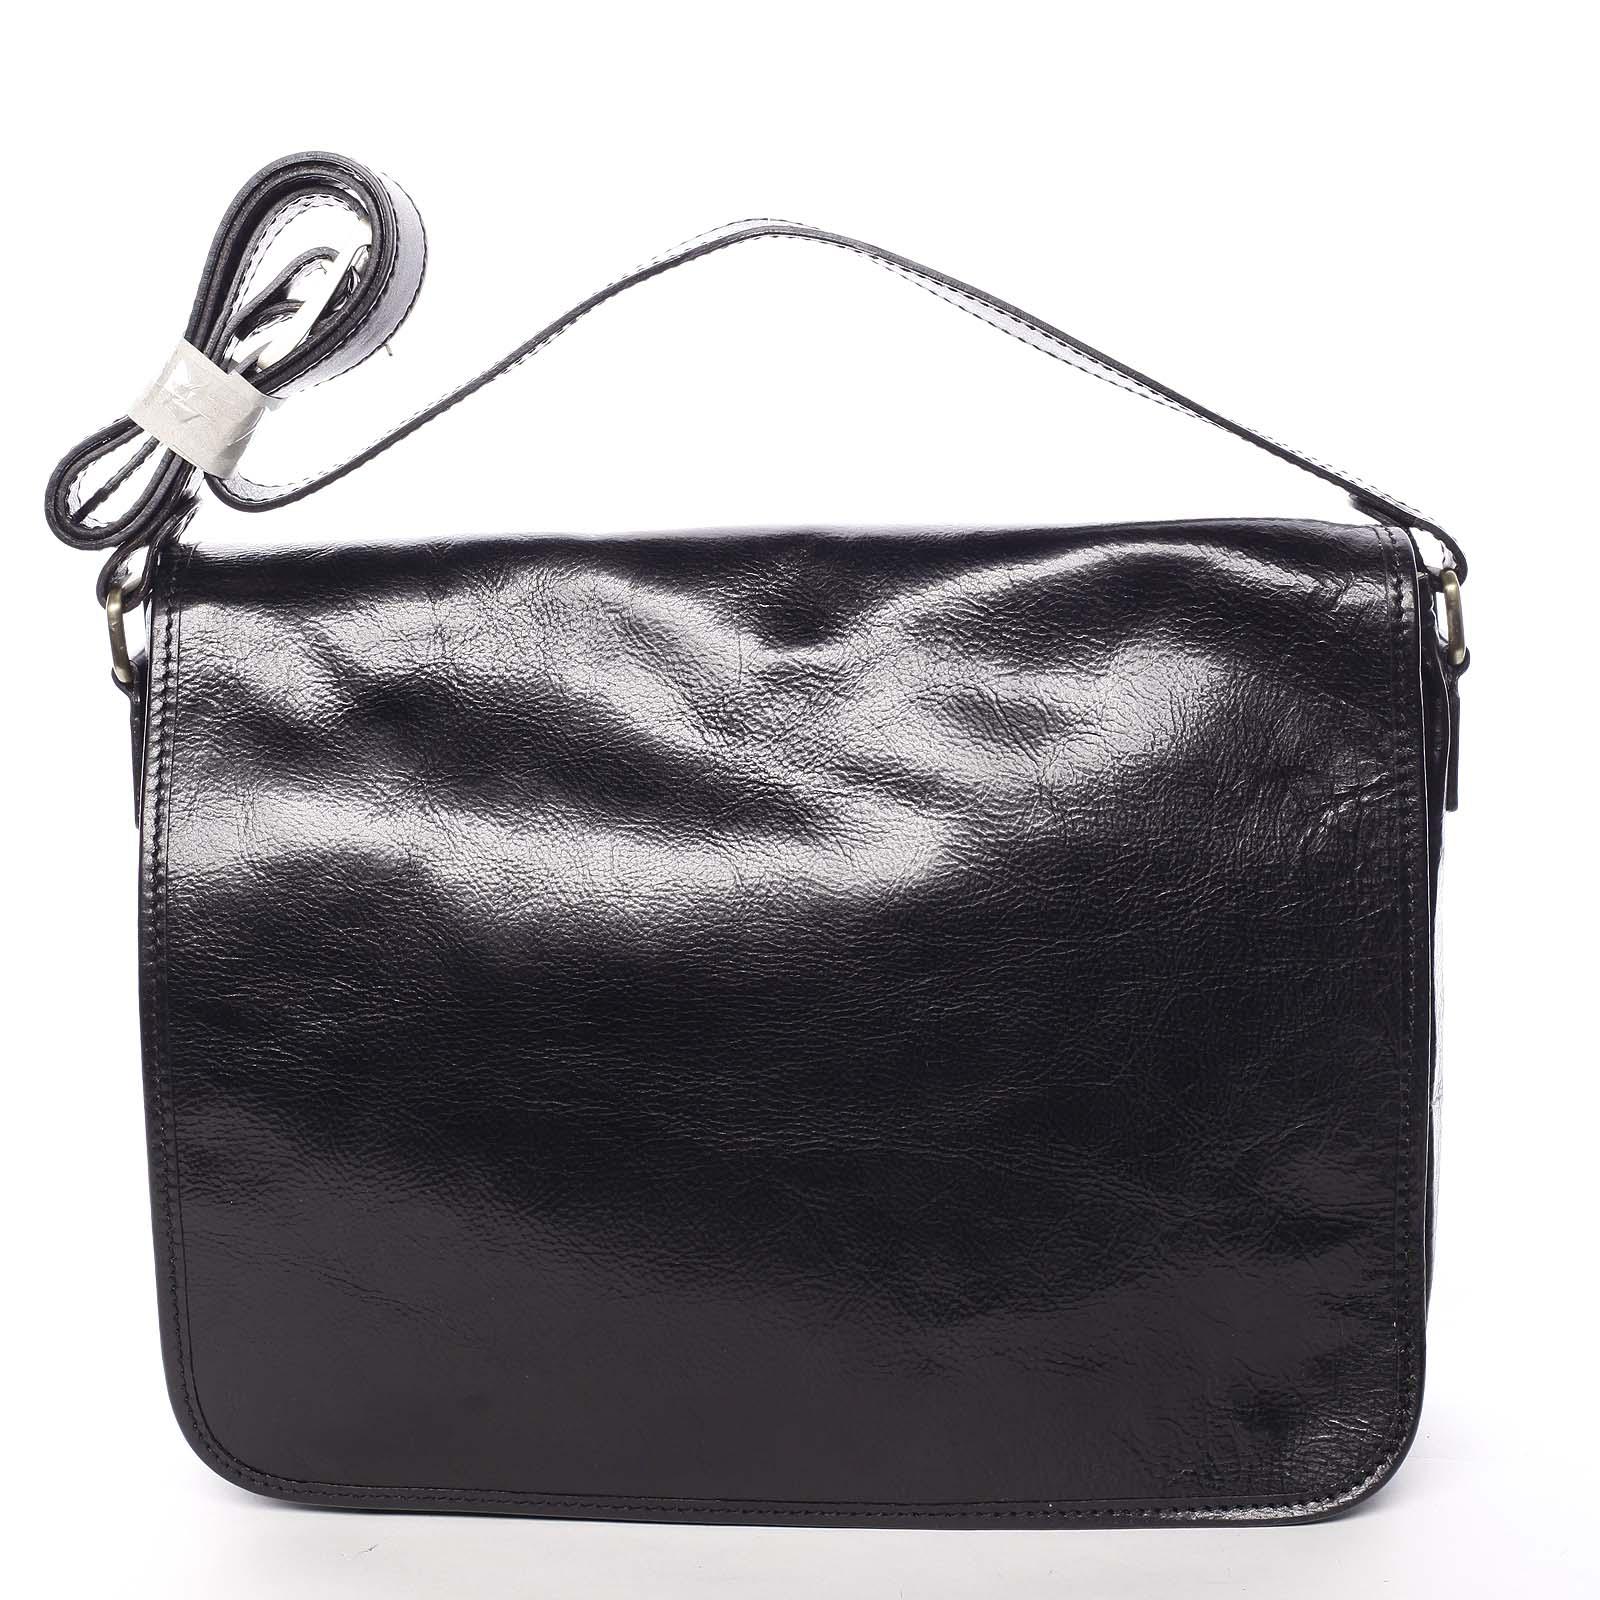 Větší pracovní kožená taška černá - ItalY Equado Achilles